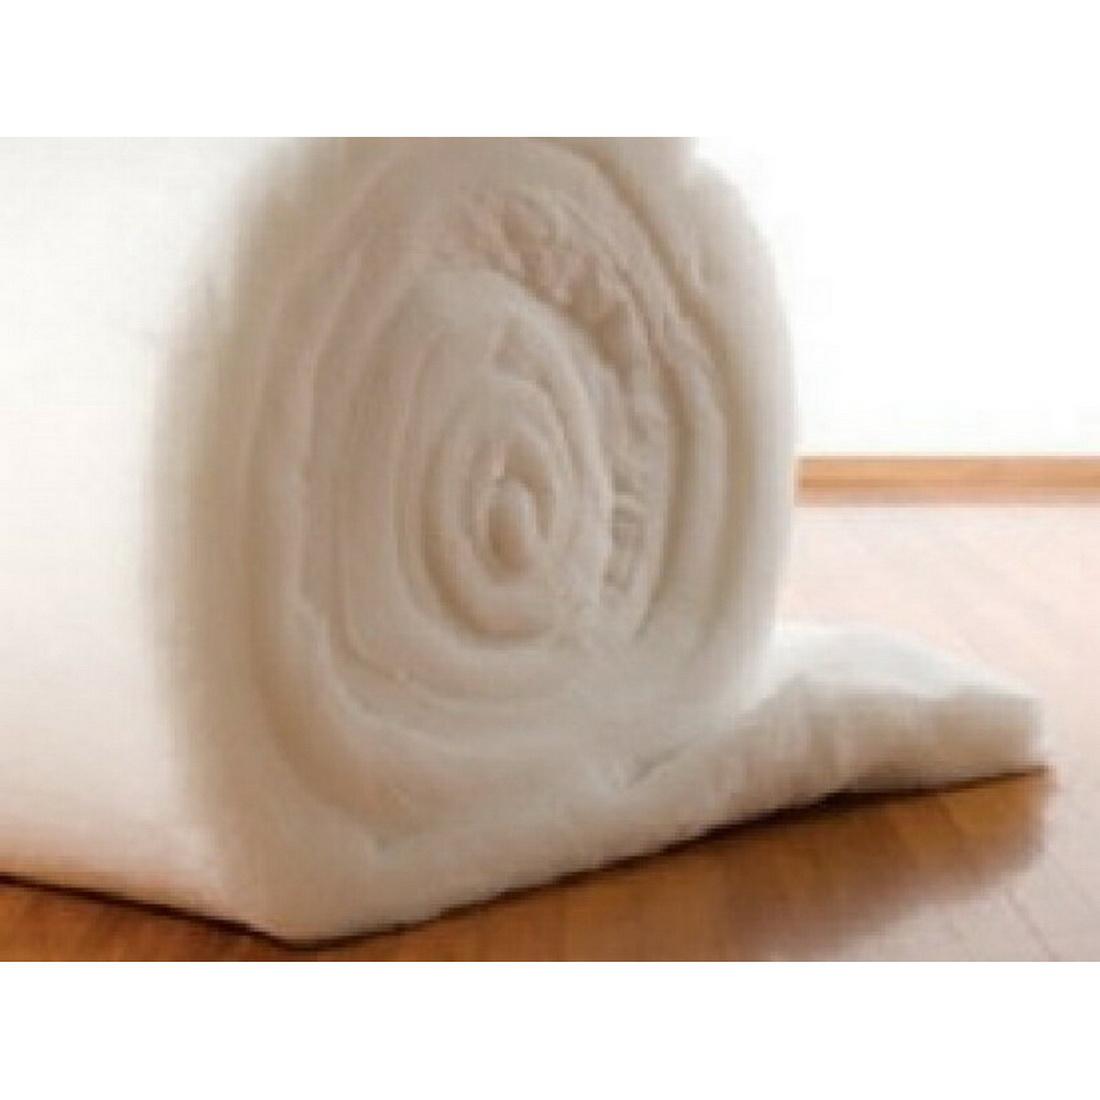 R 1.5 11110x600mm 20sq-m Polyester Underfloor Insulation Blanket